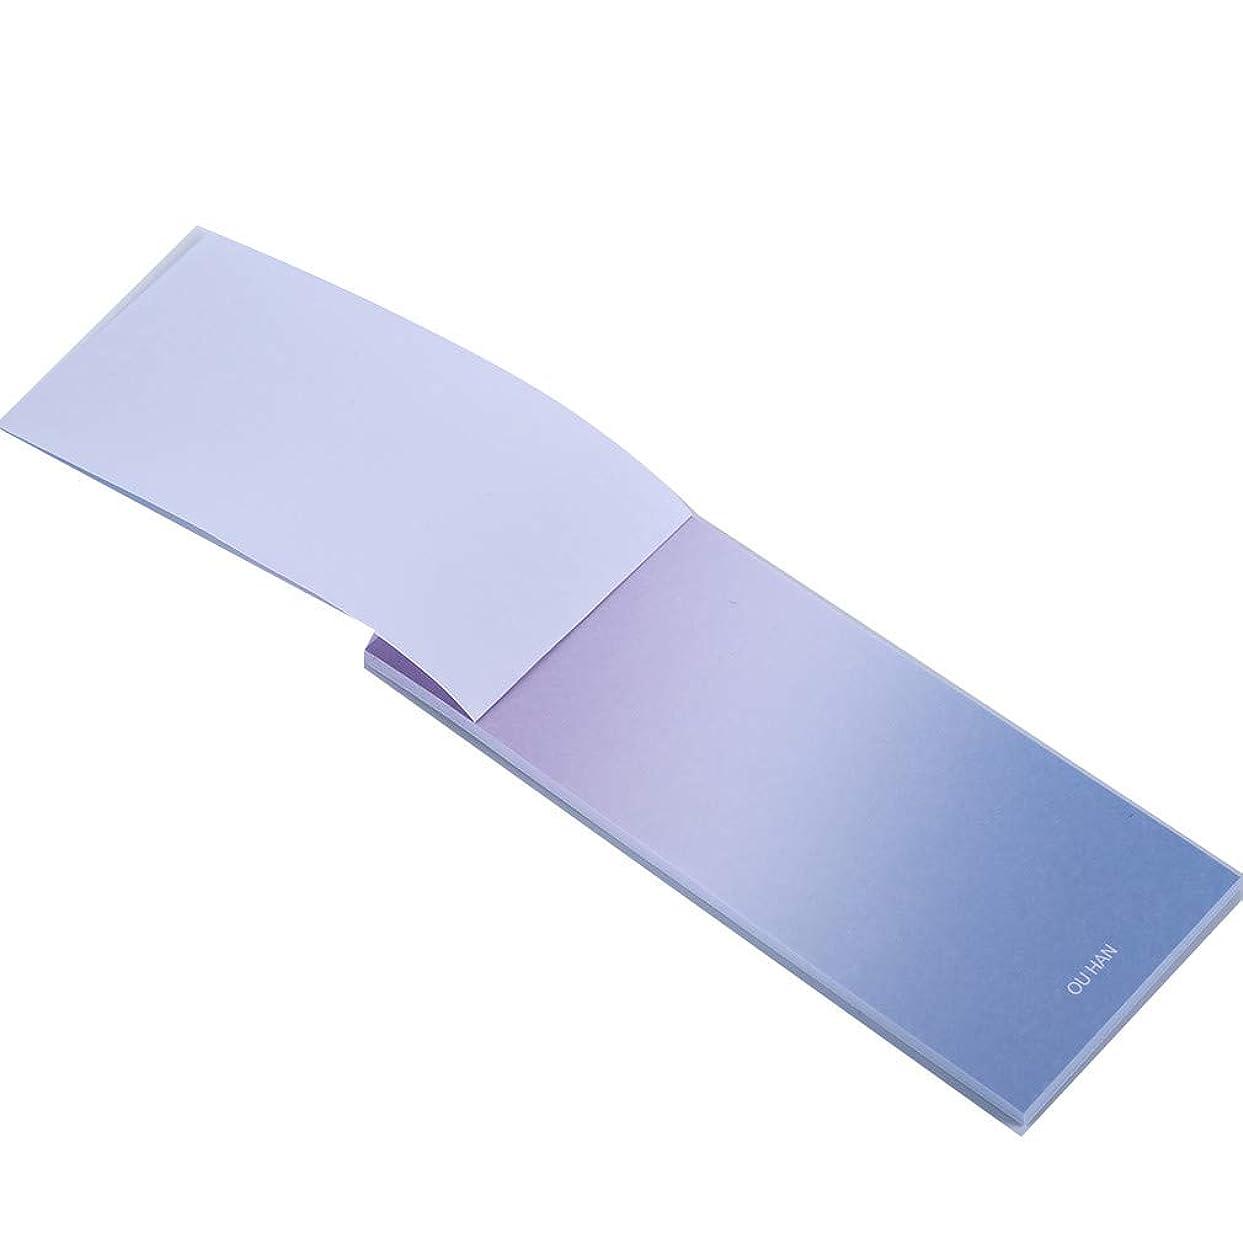 ヒステリックホールド義務TIMETRIES カラーグラデーションポストイットメモ文房具メッセージメモ帳,紫色